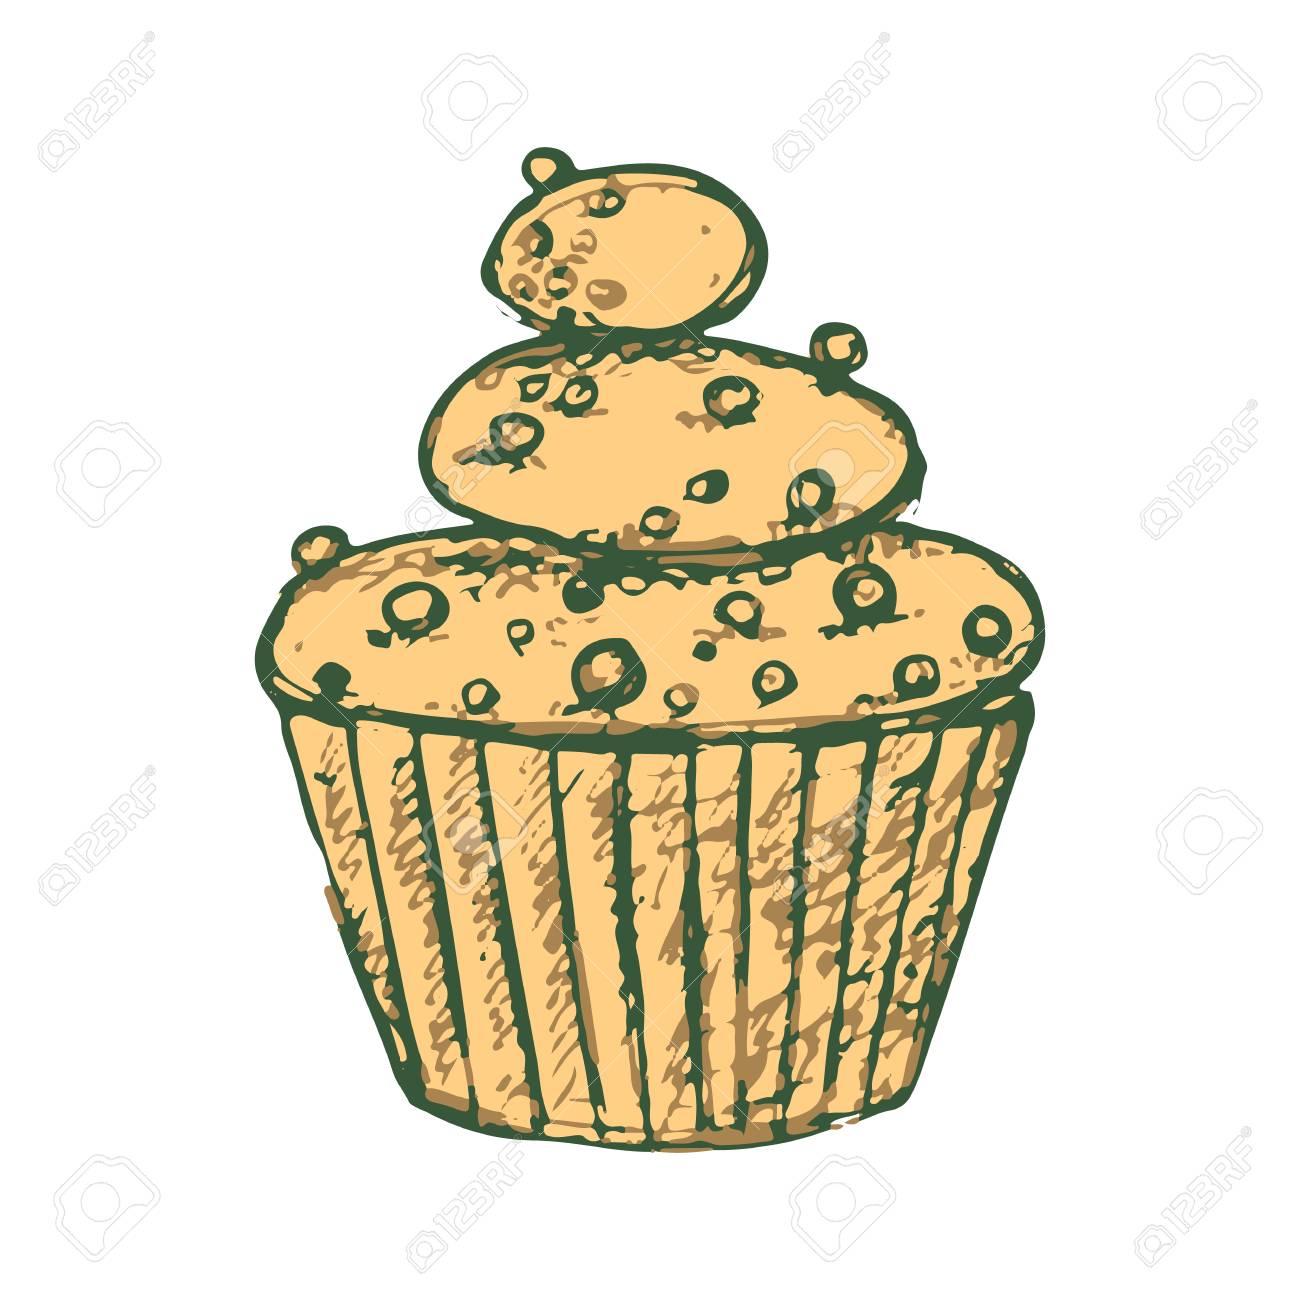 Skizzieren Sie Einen Leckeren Kuchen Susses Clipart Vektor